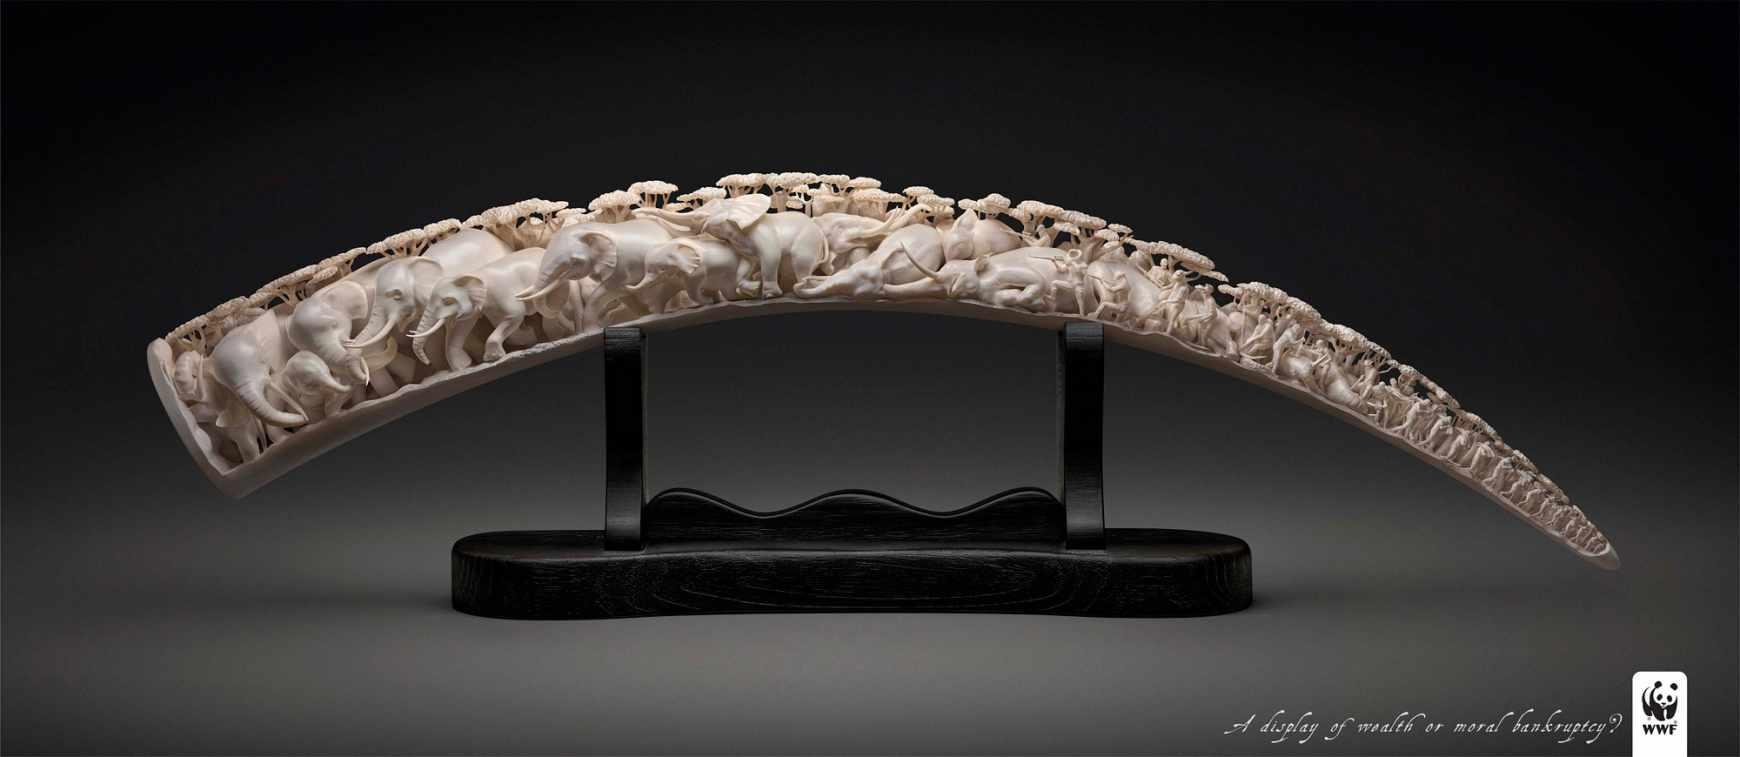 wwf-ivory